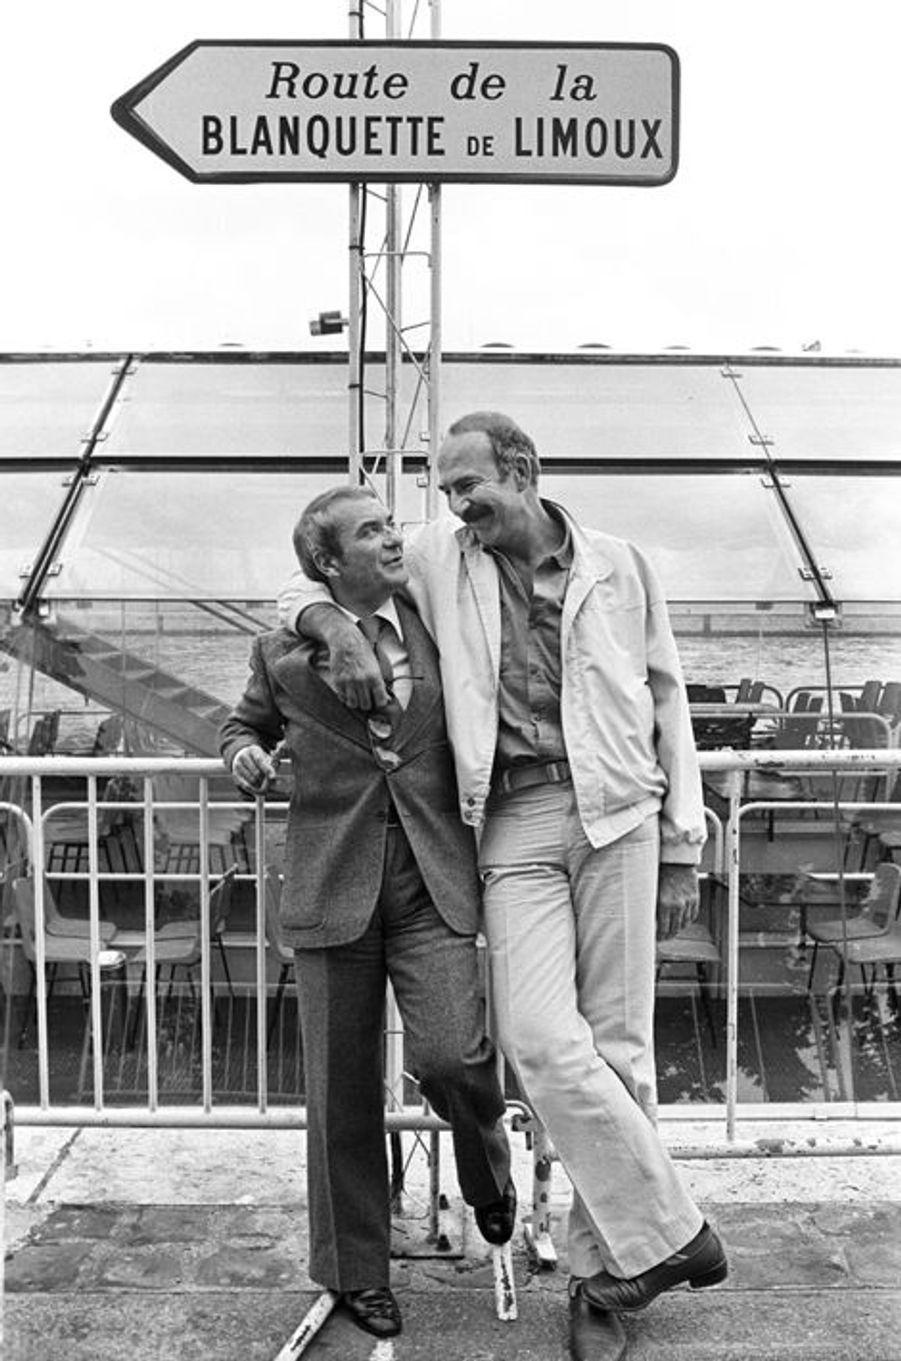 Août 1977. Tournage du film «Plus ça va moins ça va» de Michel Vianey. Ce sont des retrouvailles pour Jean-Pierre Marielle et Jean Carmet, ils ont déjà tourné 3 fois ensemble et une grande complicité les unis .